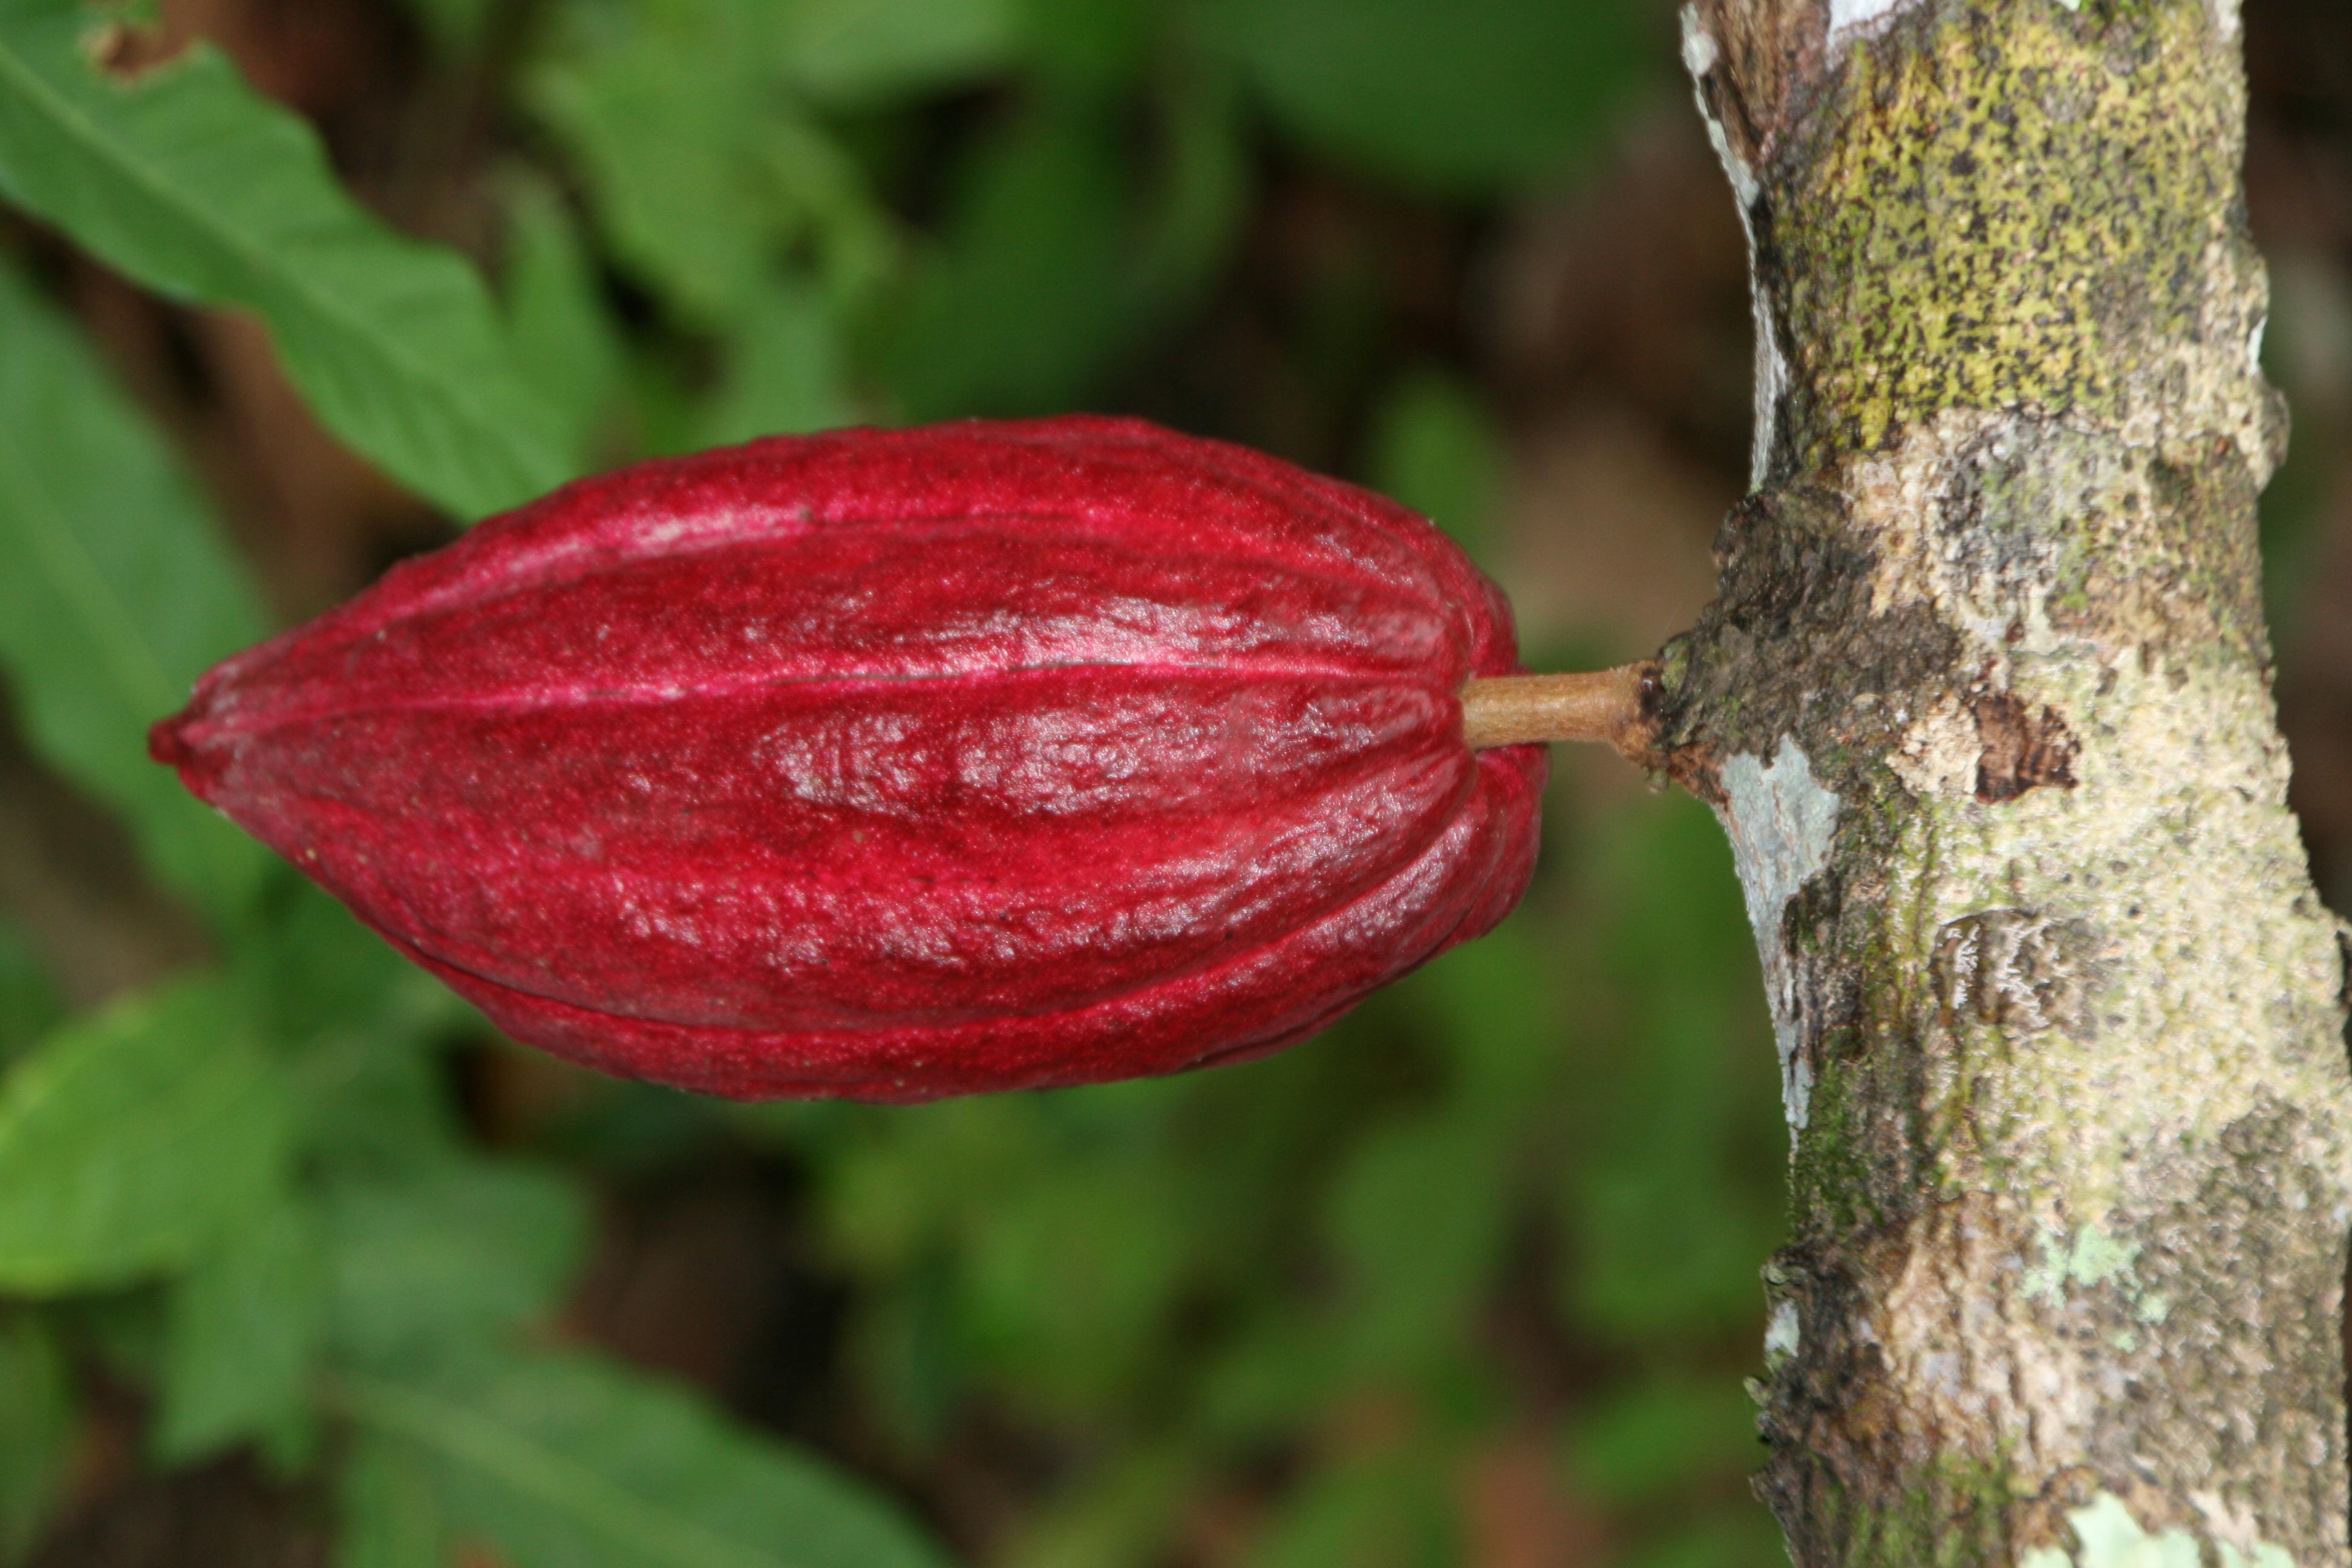 Bei Bluthochdruck Kakaobohnen als Antioxidant-Kakao-aus-nicht-hybridisierten kakaobohnen-Leitnervilla-Altaussee